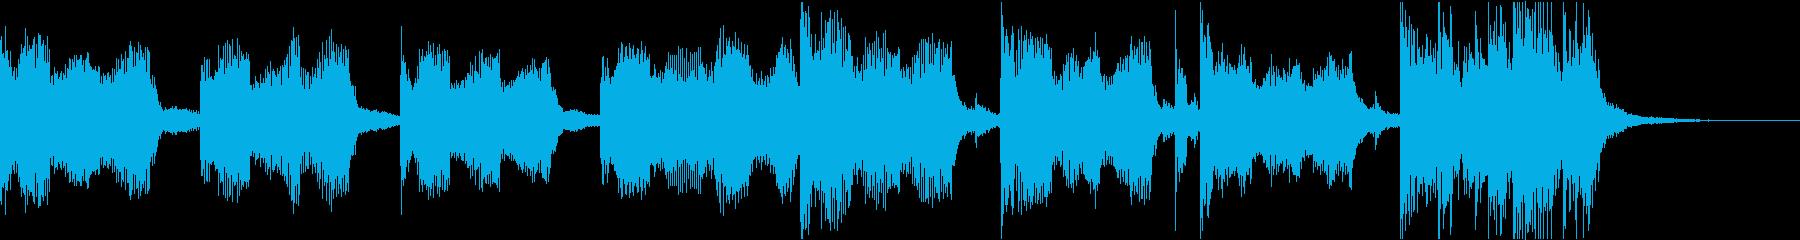 おしゃれクールセクシーR&Bエレクトロcの再生済みの波形